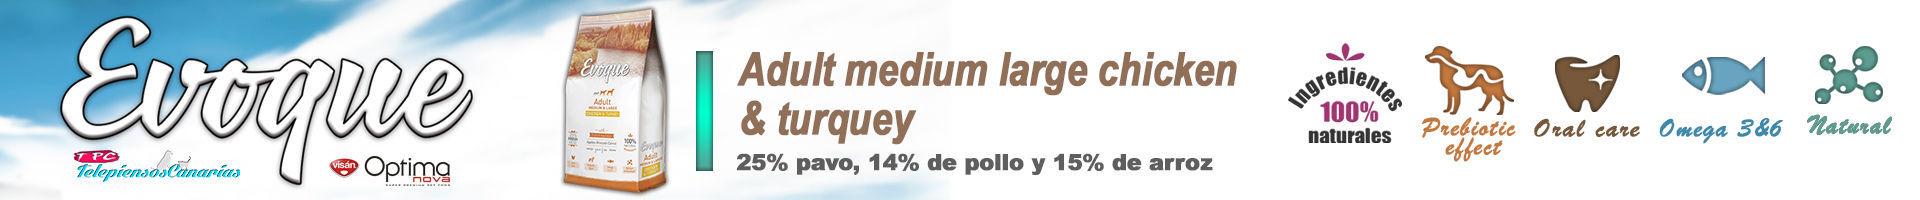 Evoque adult medium large chicken and turkey, con carne fresca 25%